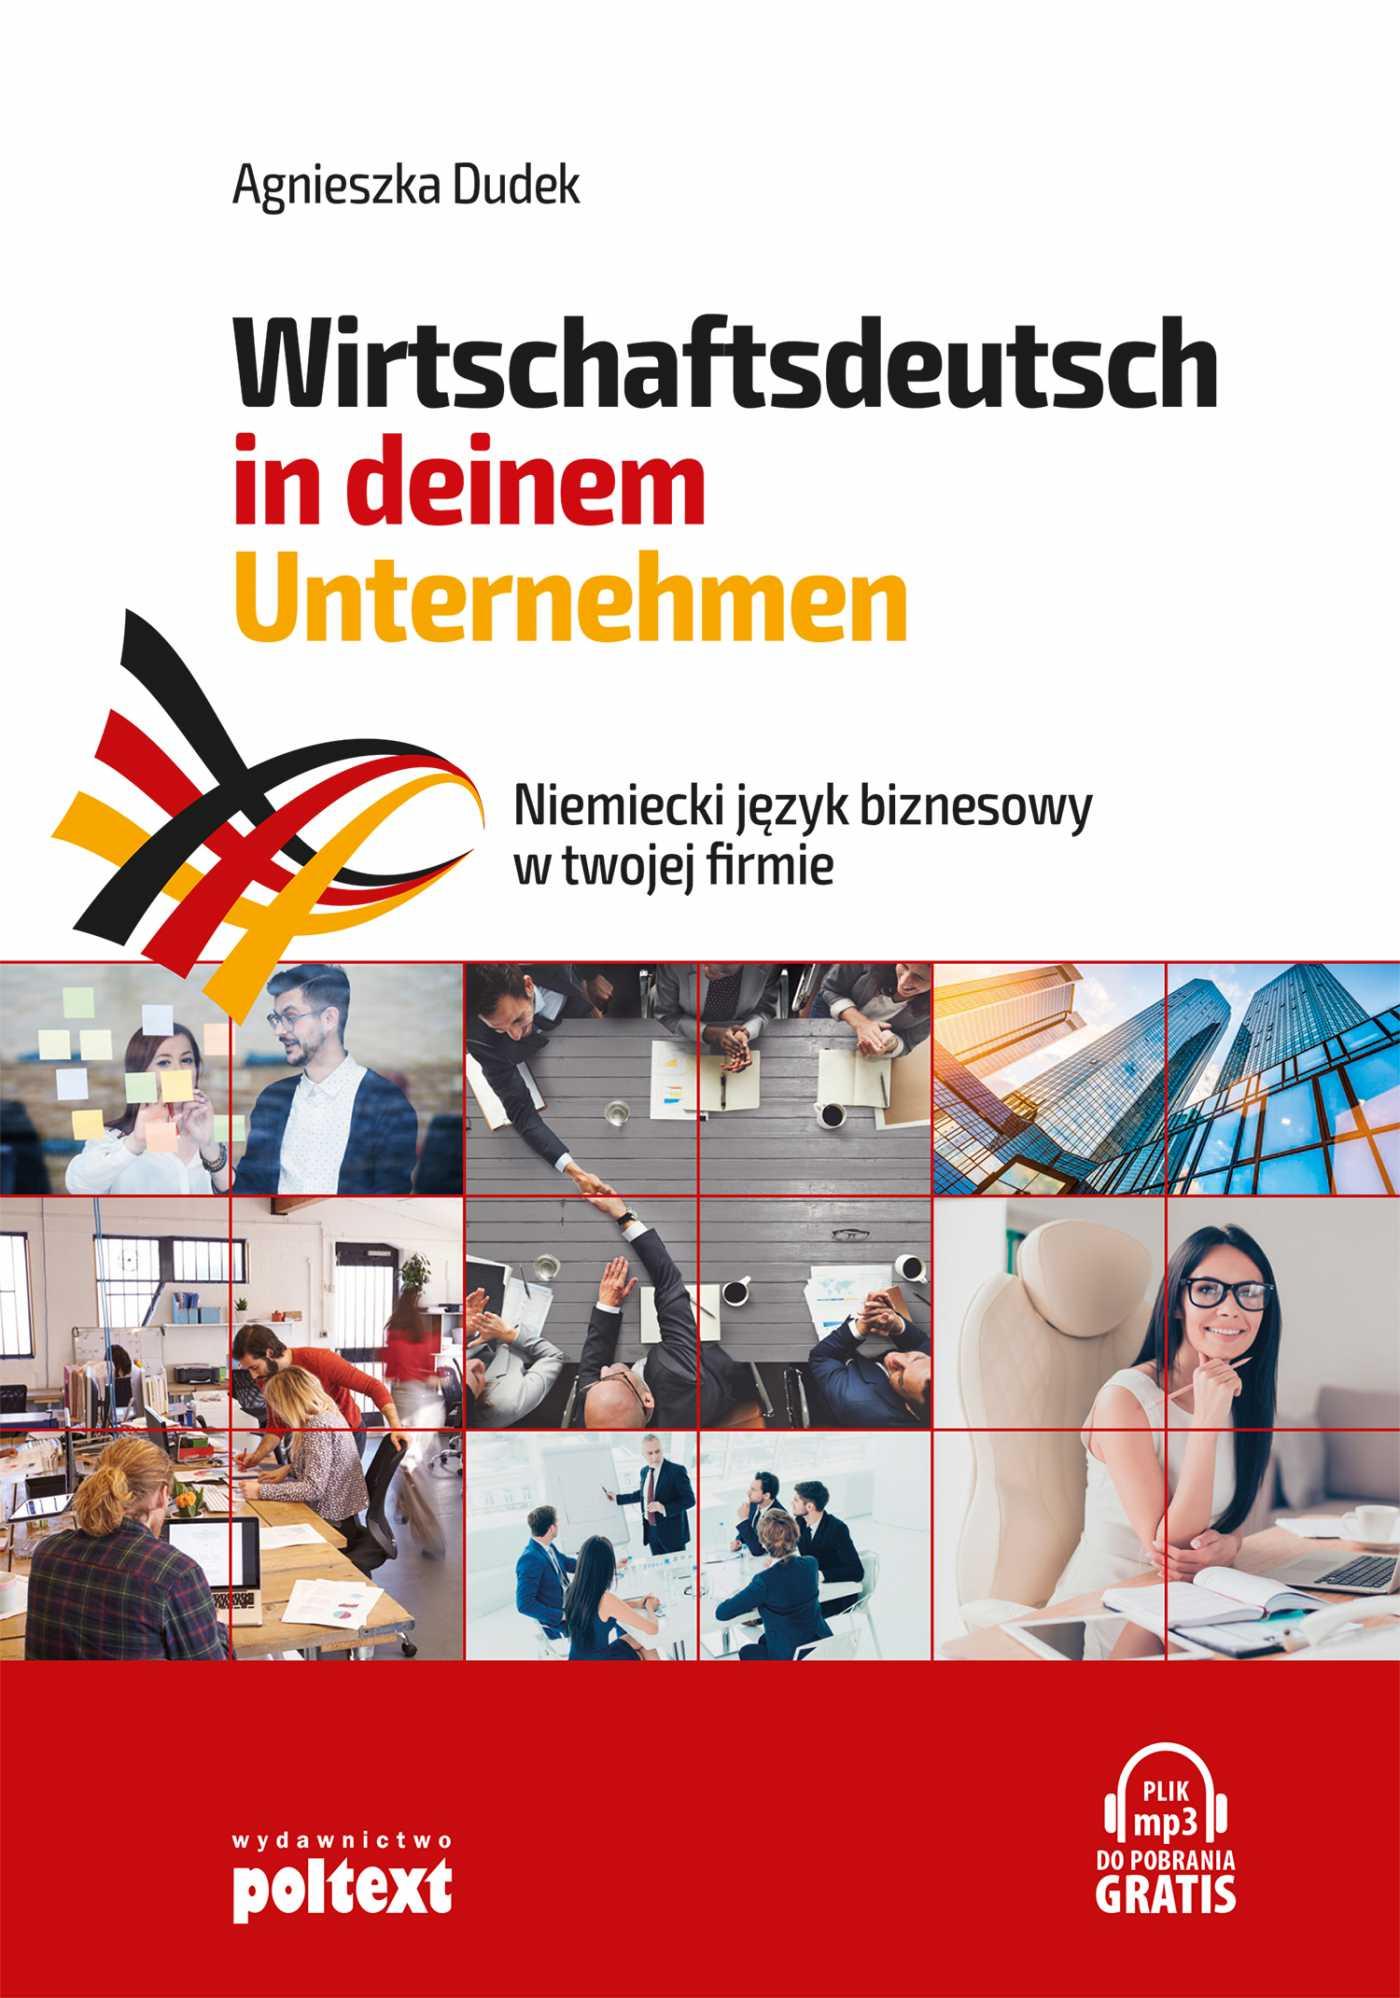 Niemiecki język biznesowy w twojej firmie. Wirtschaftsdeutsch in deinem Unternehmen - Ebook (Książka na Kindle) do pobrania w formacie MOBI